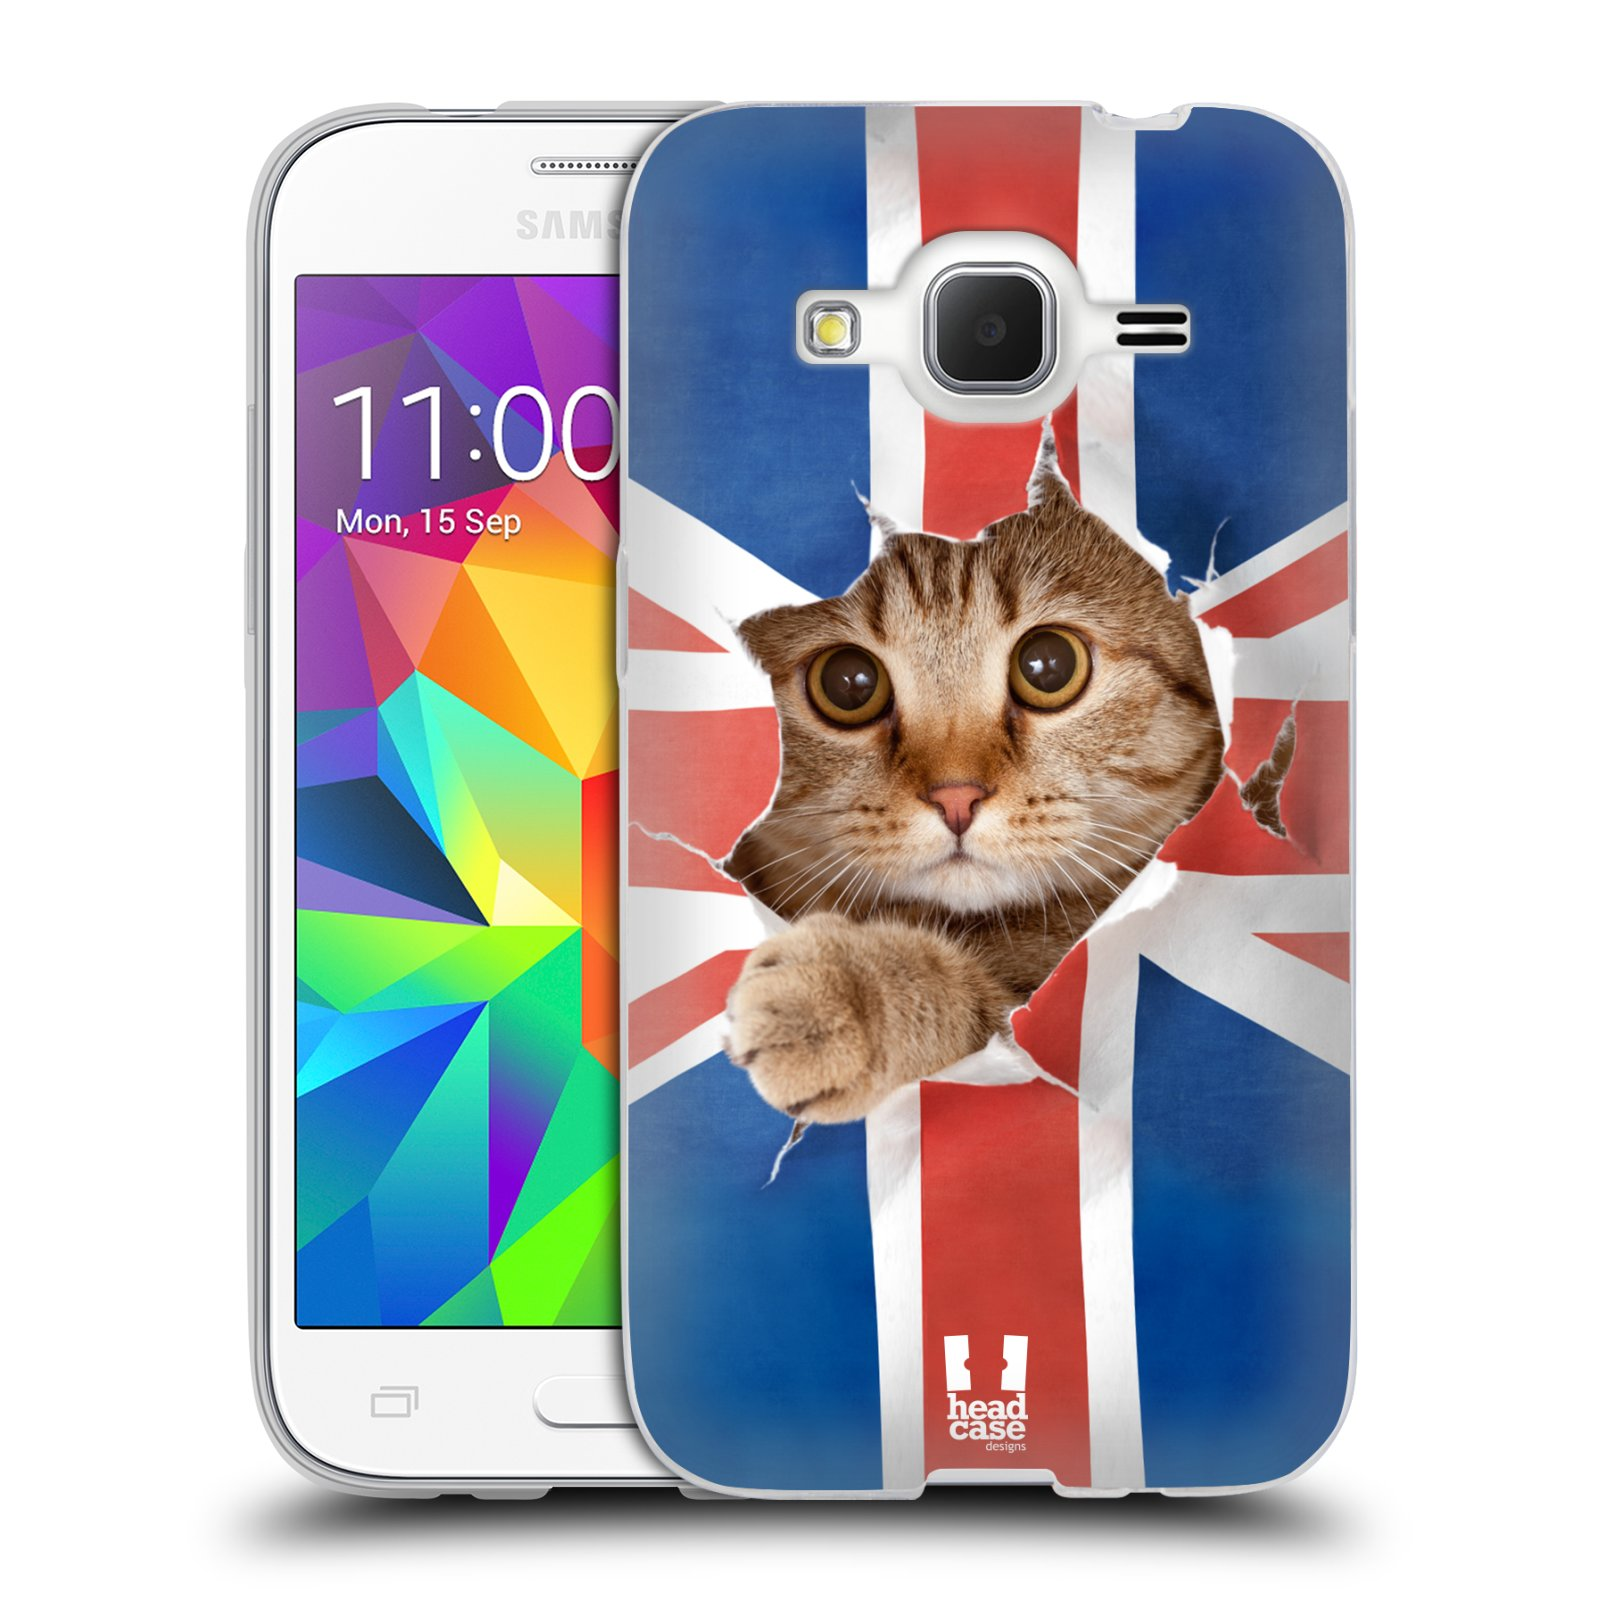 HEAD CASE silikonový obal na mobil Samsung Galaxy Core Prime (G360) vzor Legrační zvířátka kočička a Velká Británie vlajka